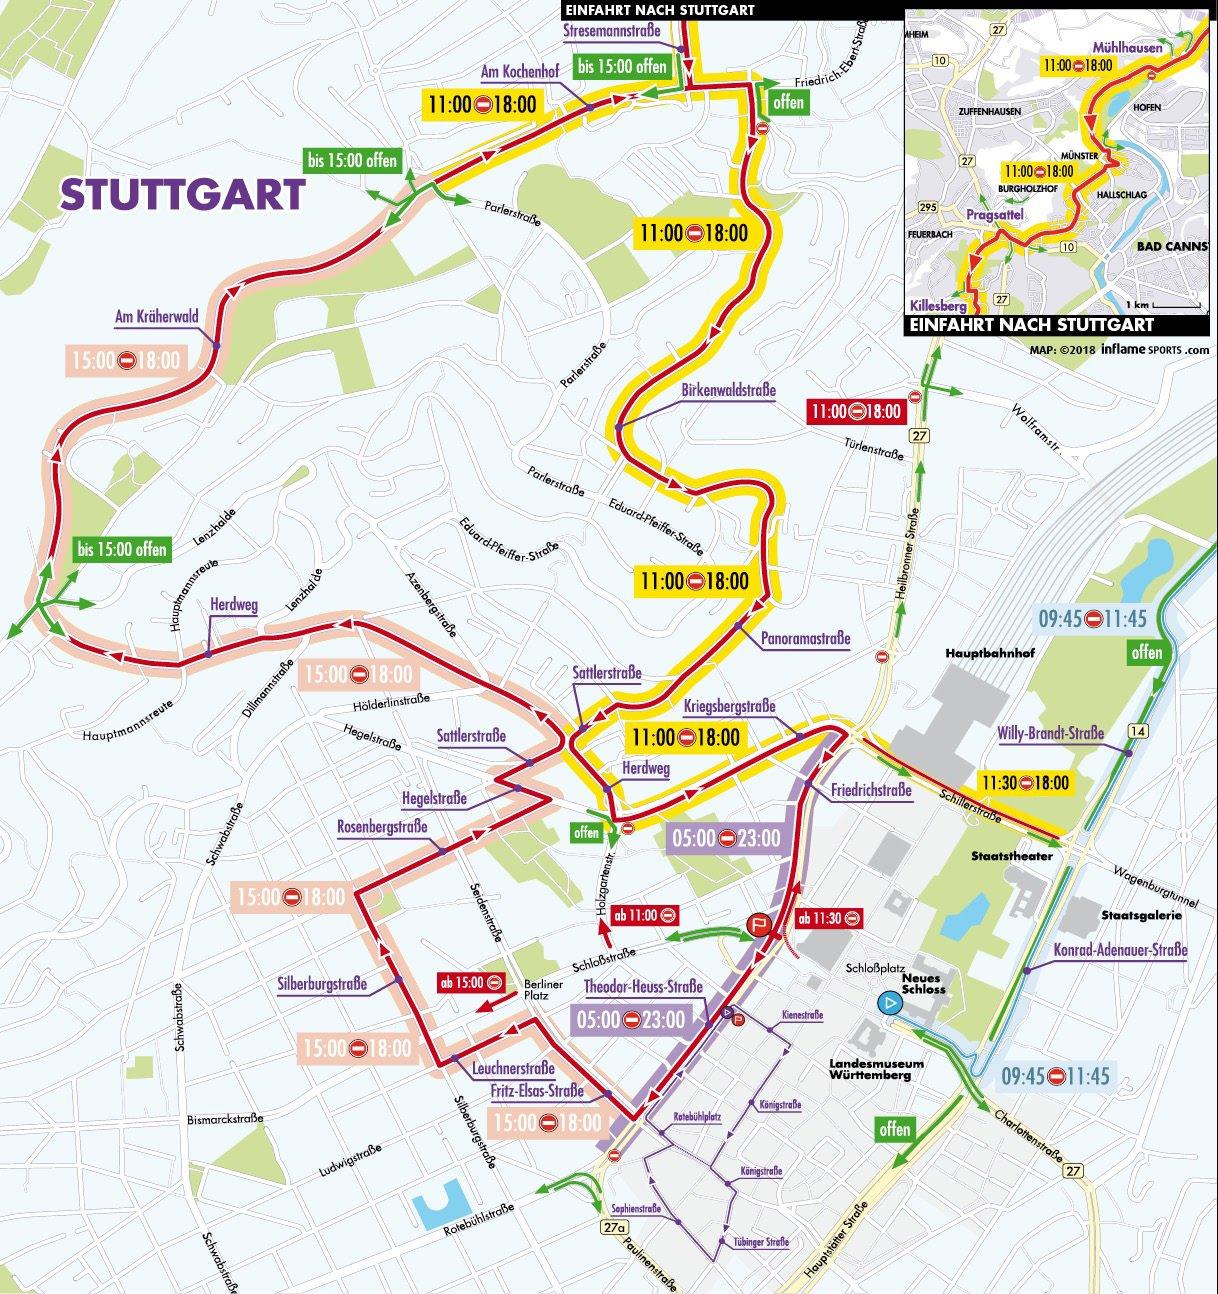 Verkehrsführung während der Deutschland Tour